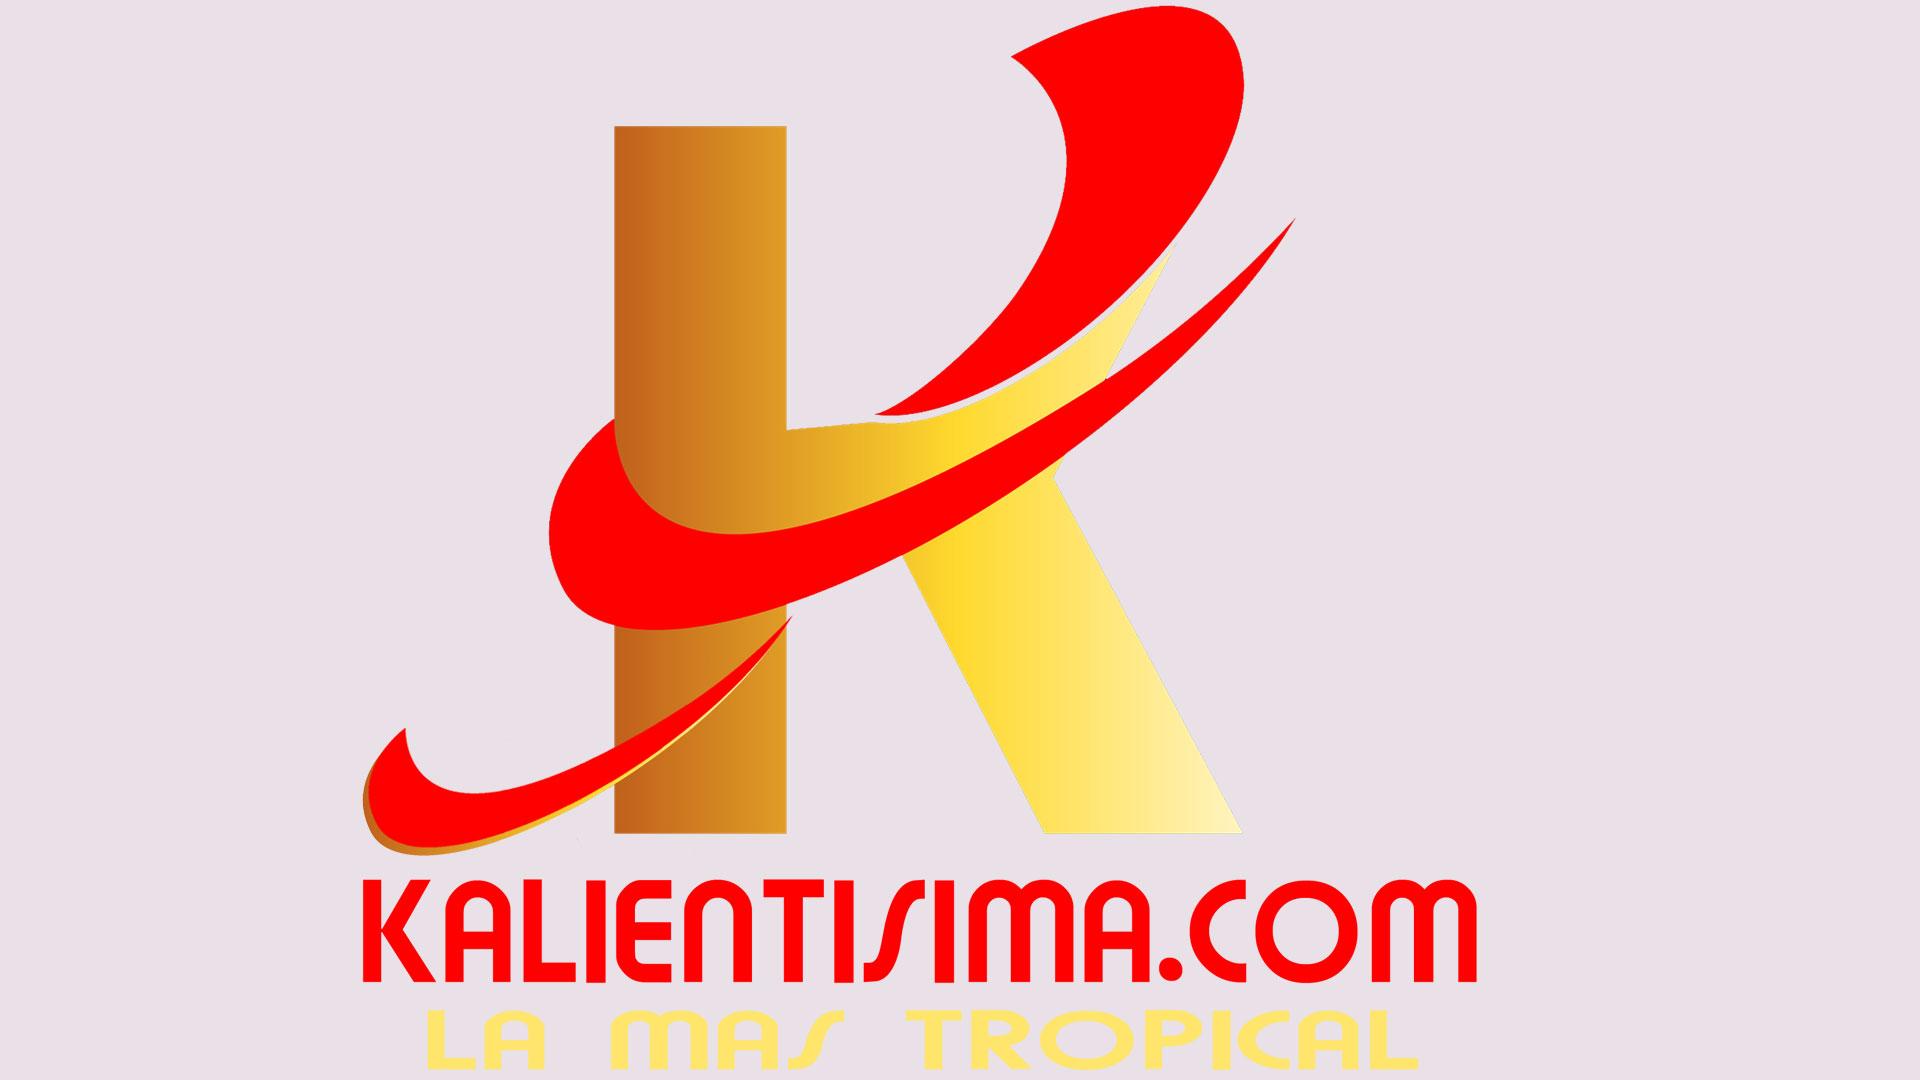 Kalientisima